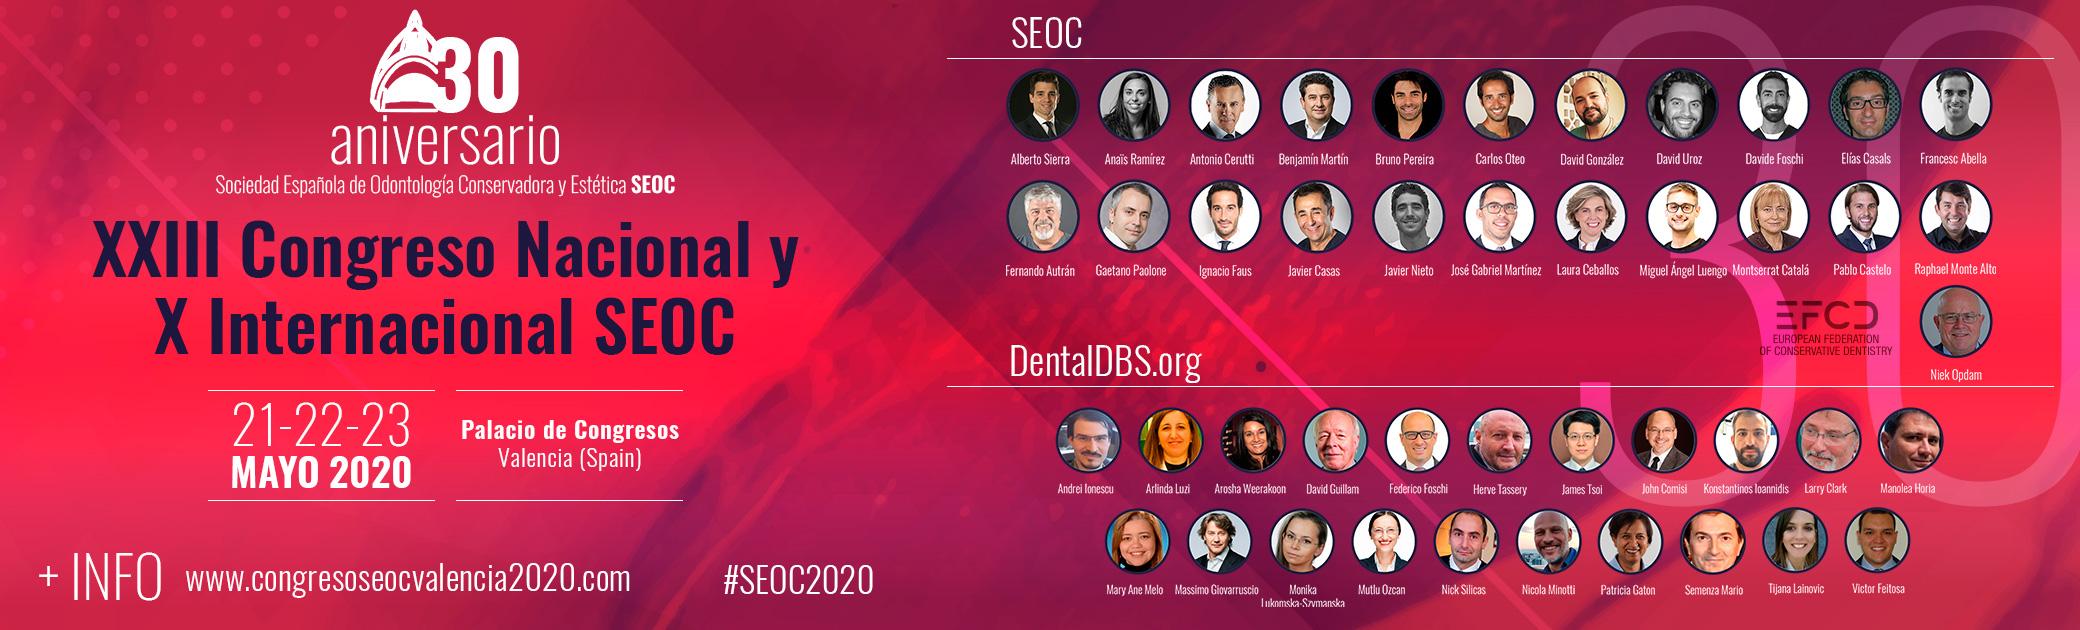 SEOC Valencia 2020-DBS.org